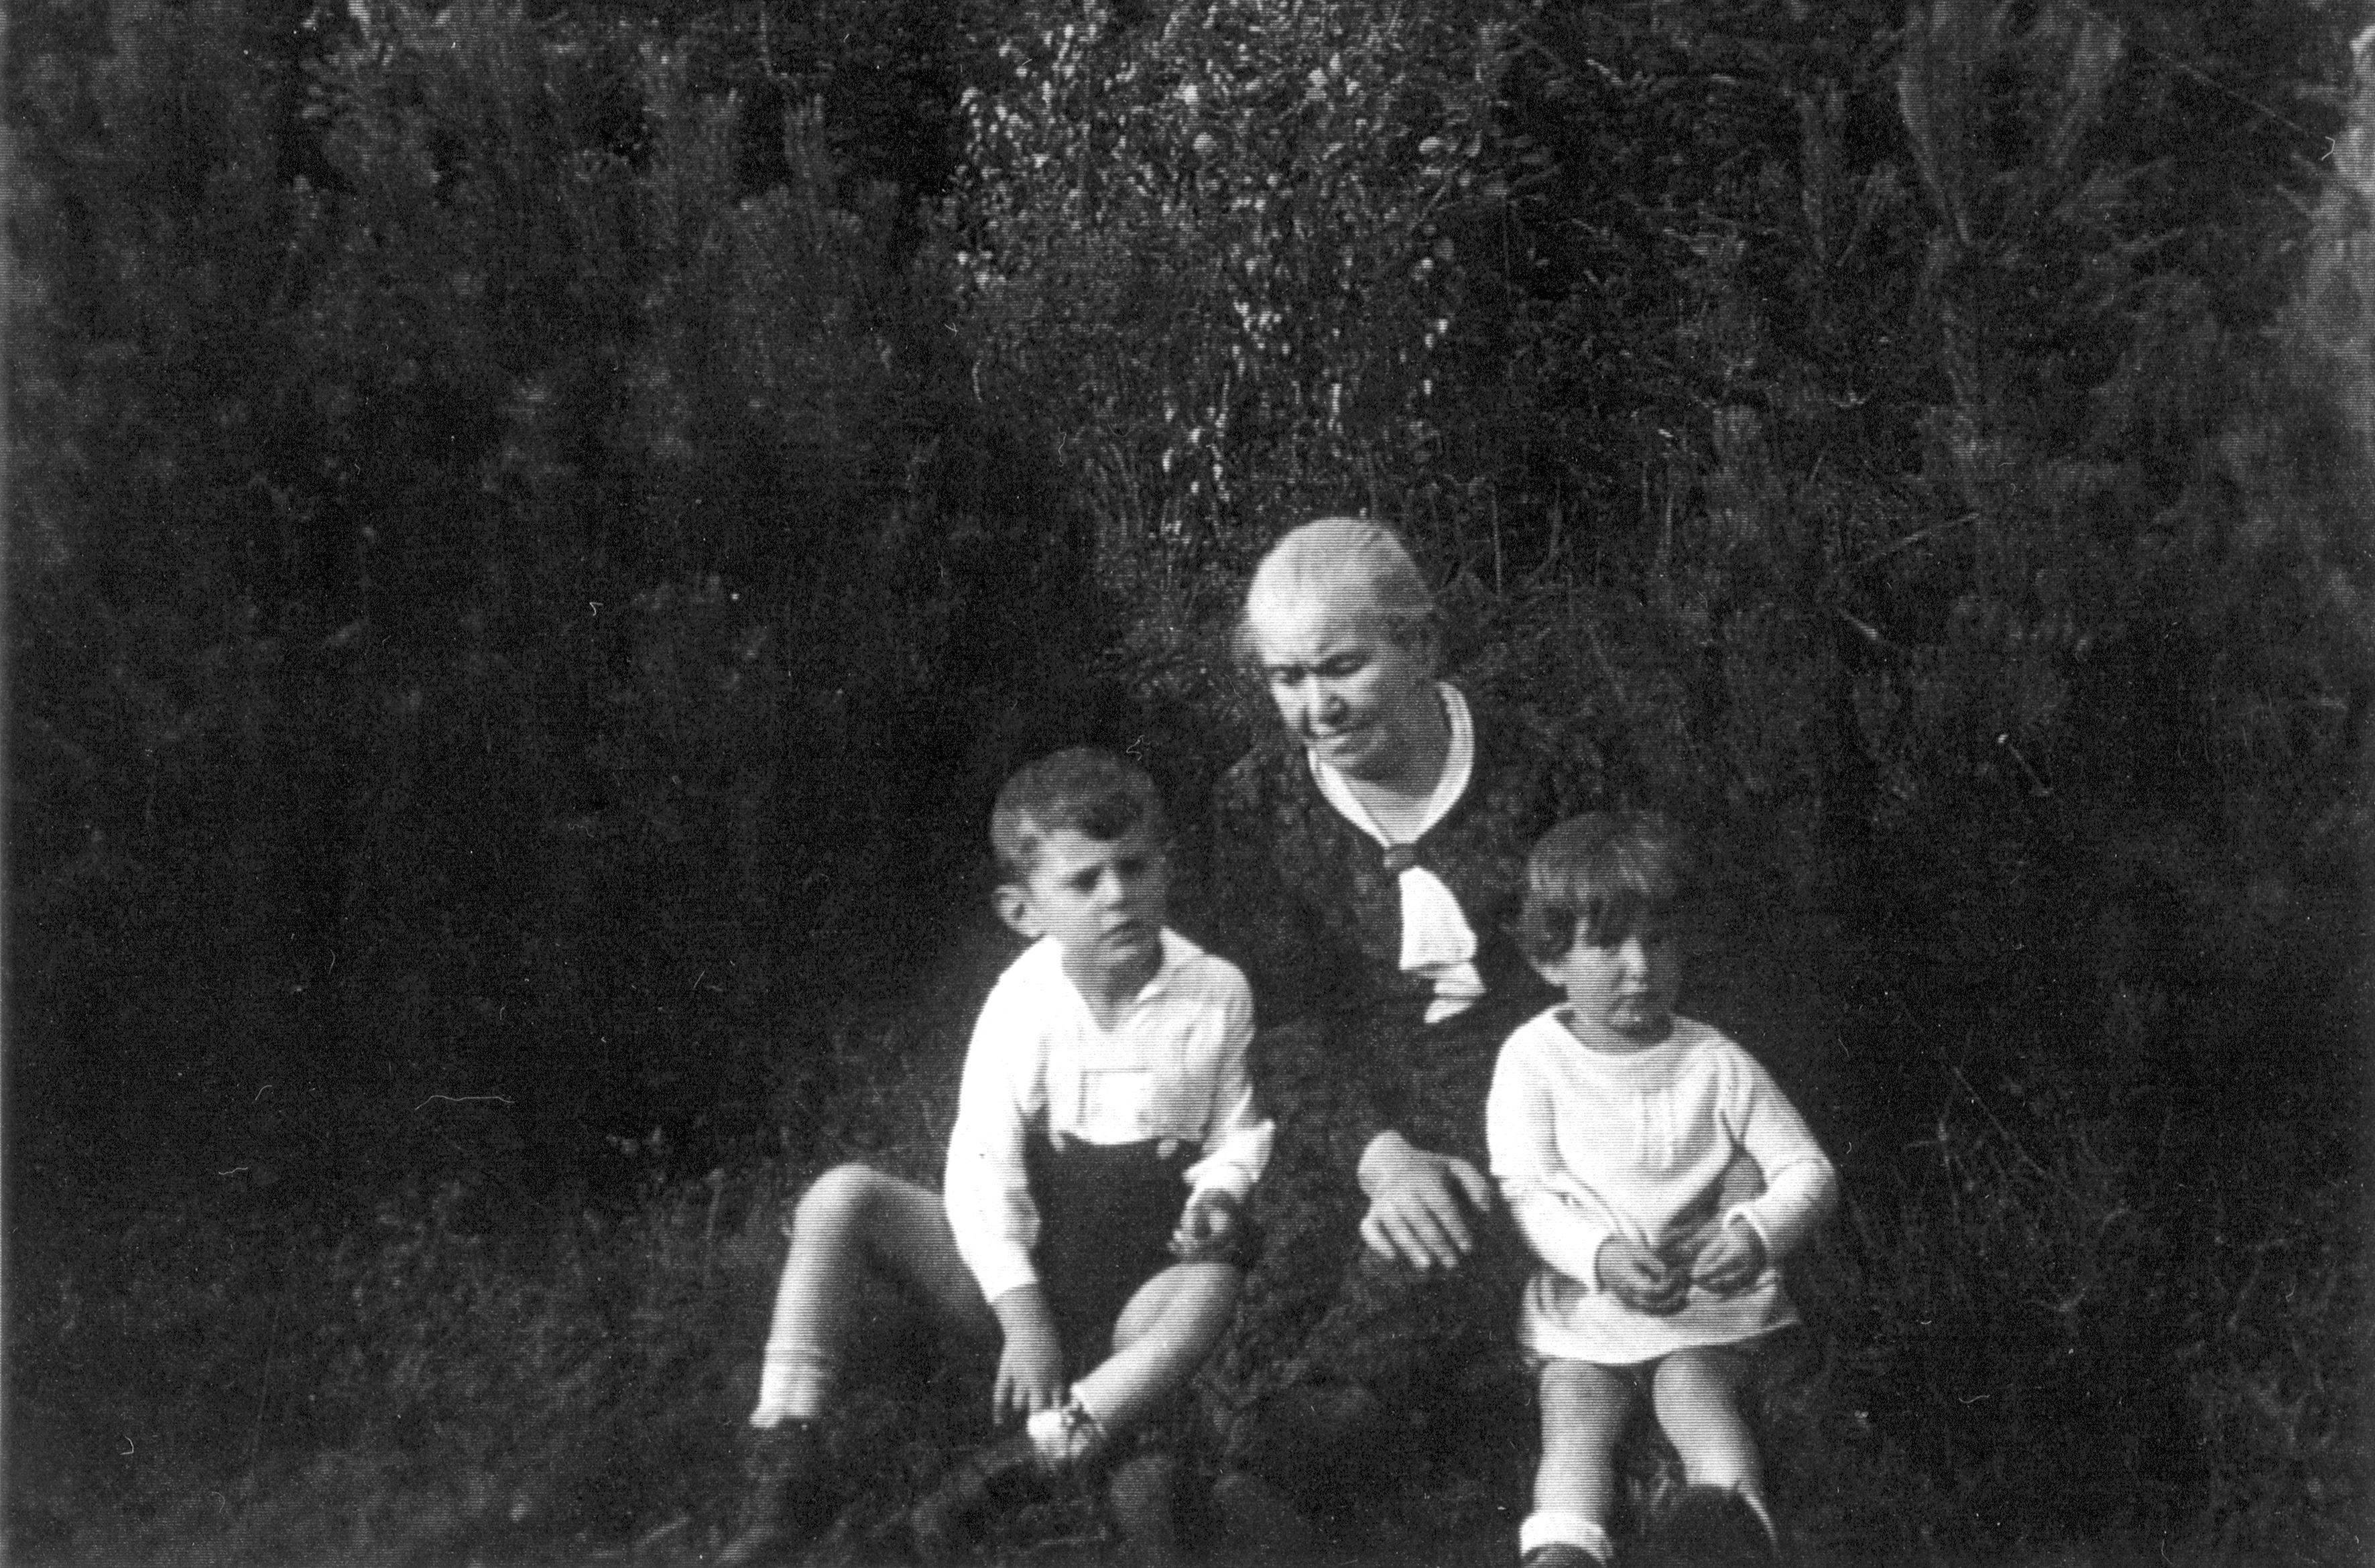 Berta Ginzova with her grandchildren Chava and Petr